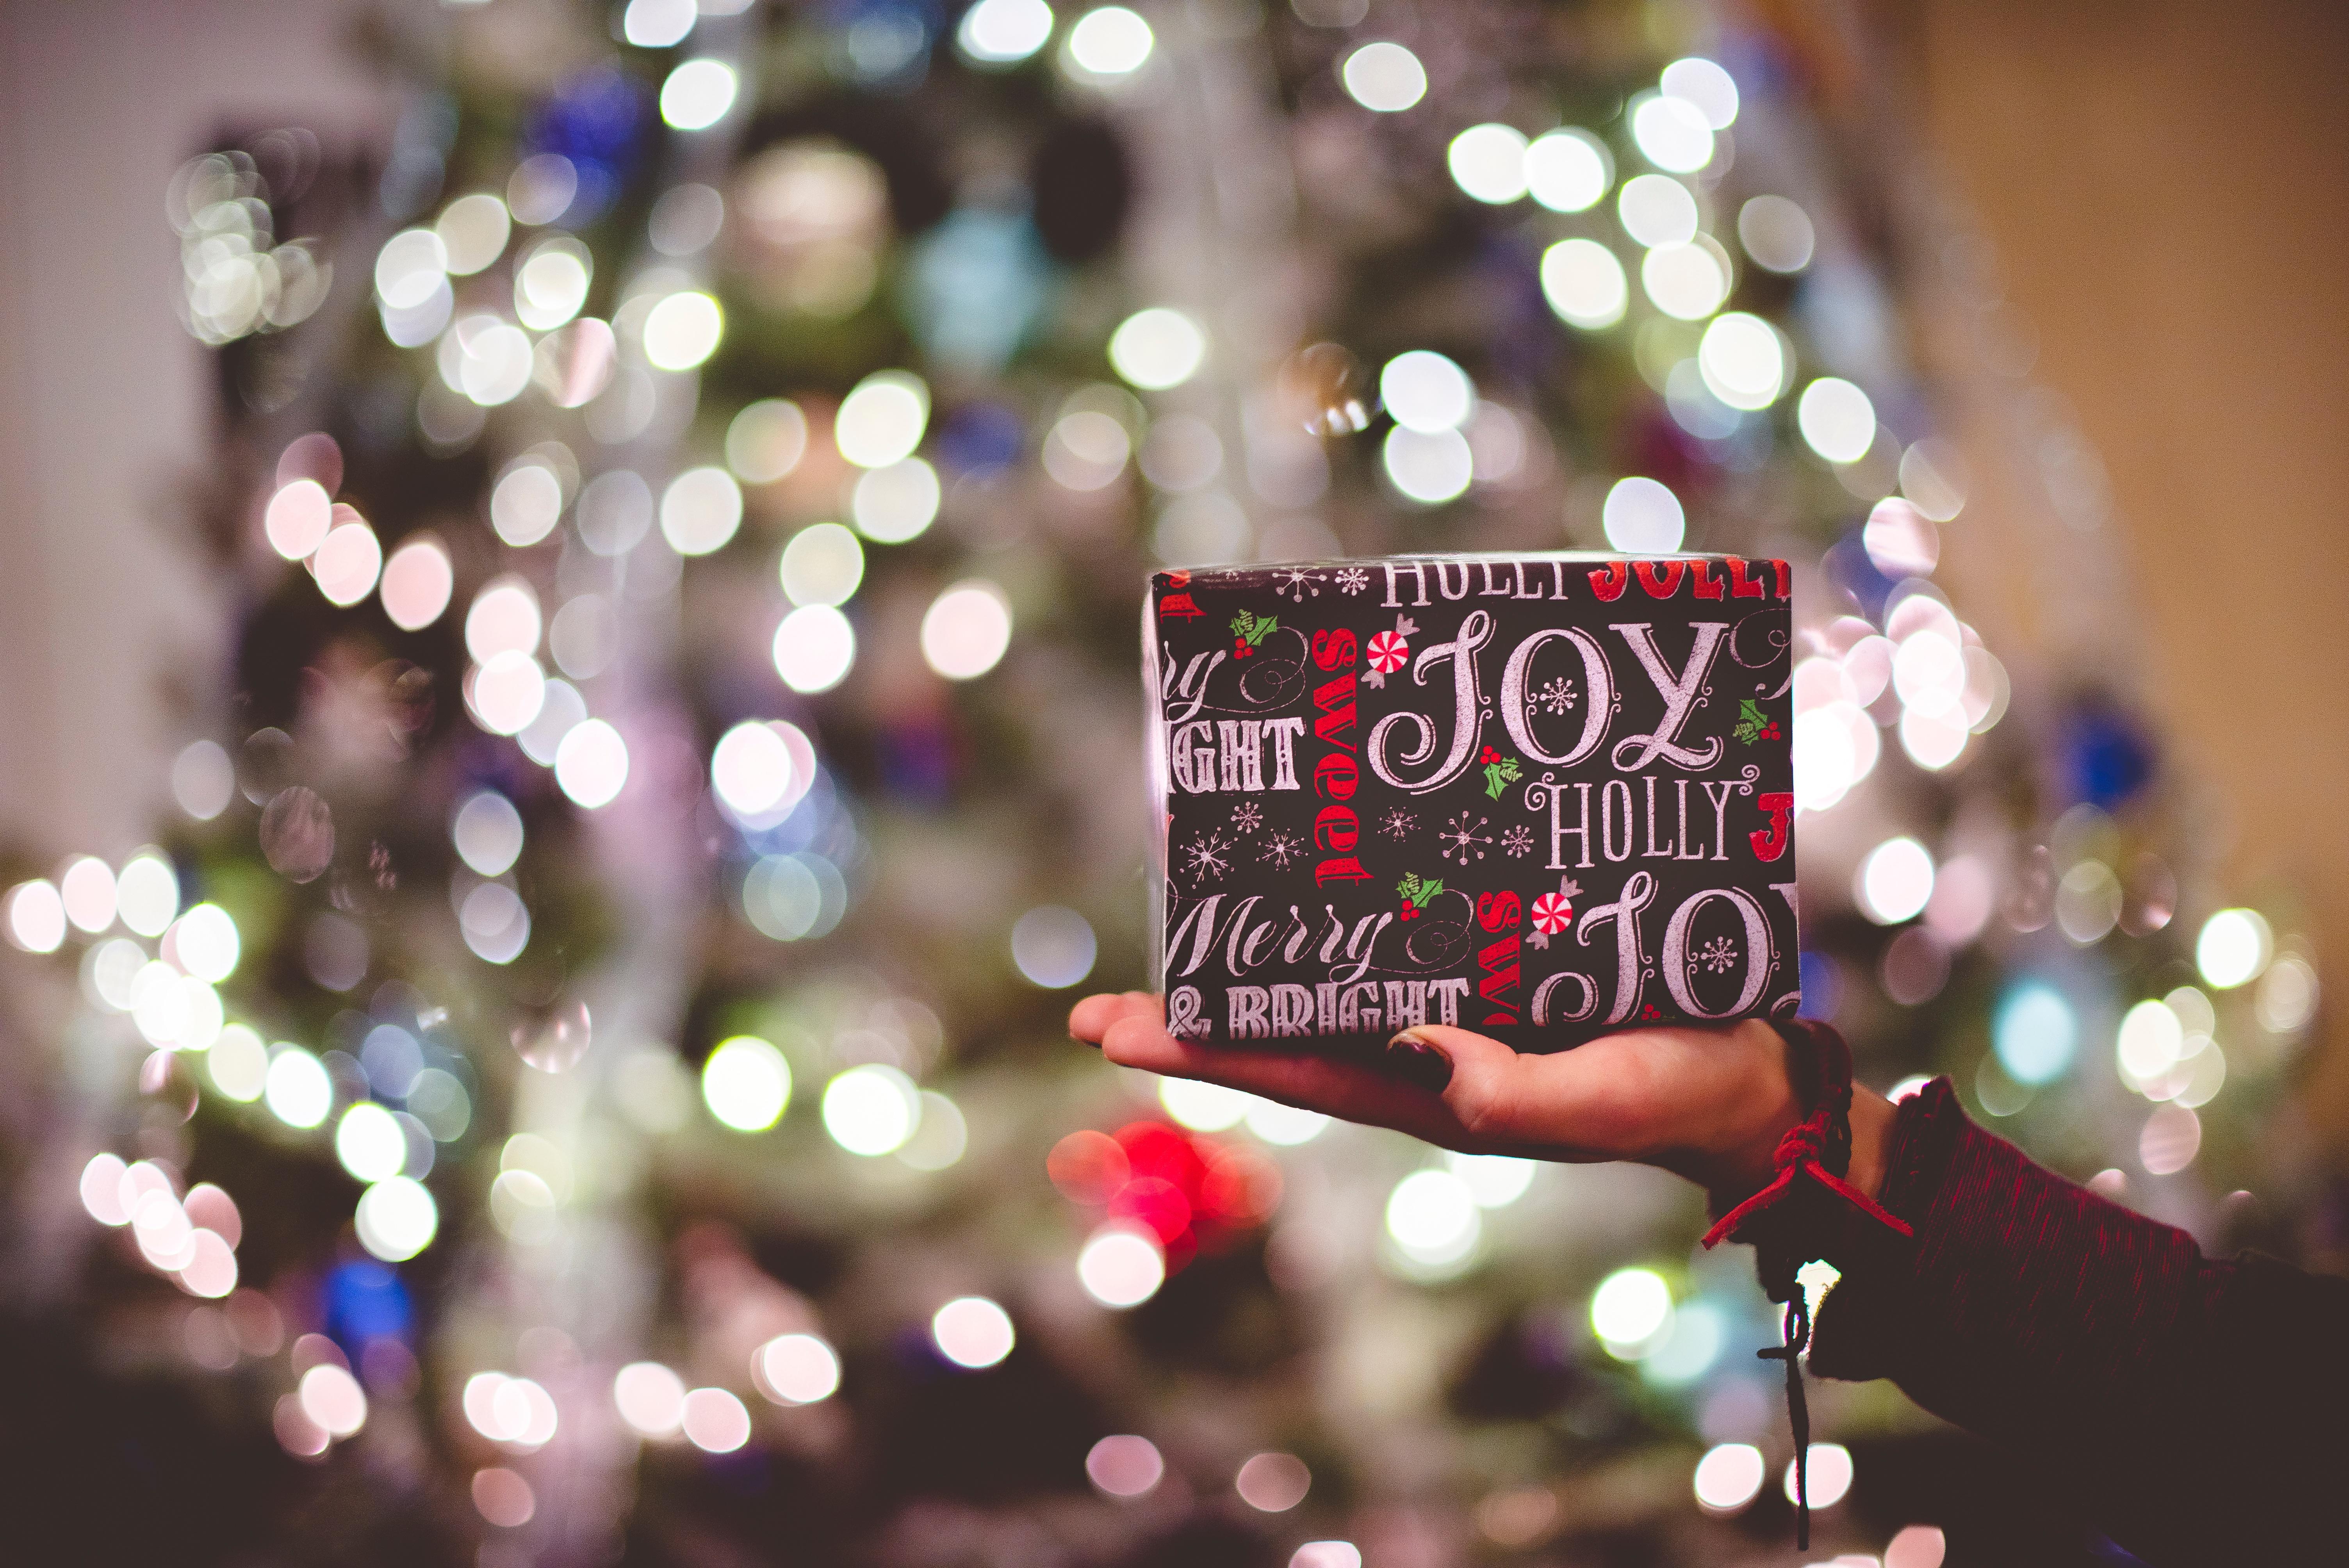 Il regalo che tutti noi vorremmo per Natale